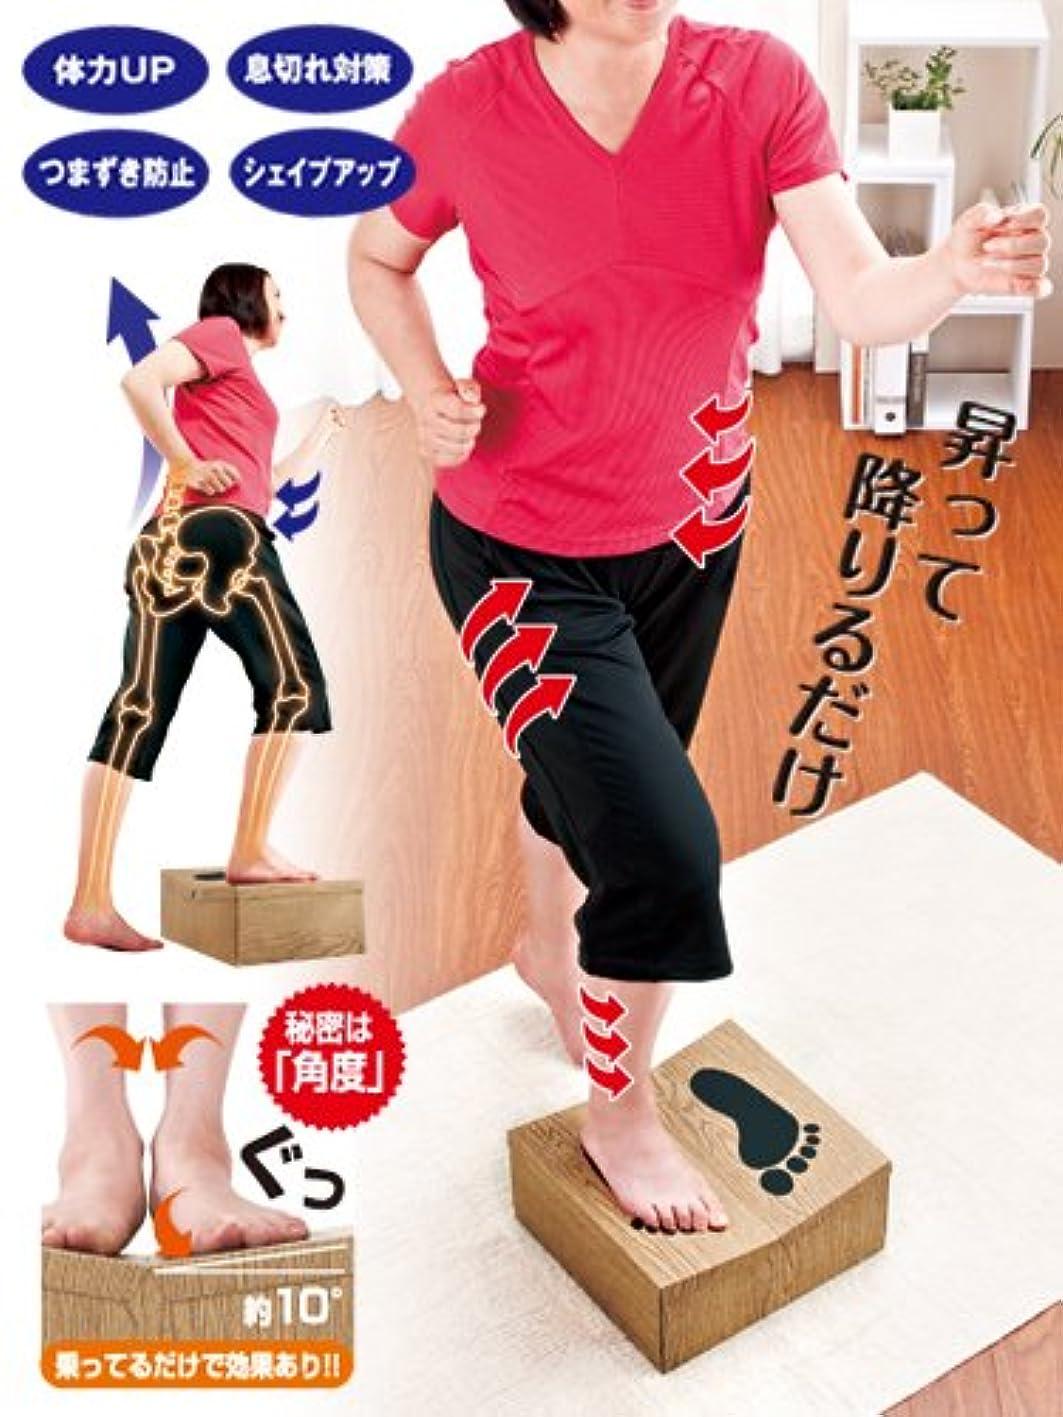 贈り物繊維体どこでもエクササイズフミッパー 踏み台運動 フミッパー ステップ運動 踏み台 ステップ体操 上り下り運動 有酸素運動 つまずき防止 ダイエット器具 健康器具 リハビリ 踏み台昇降運動